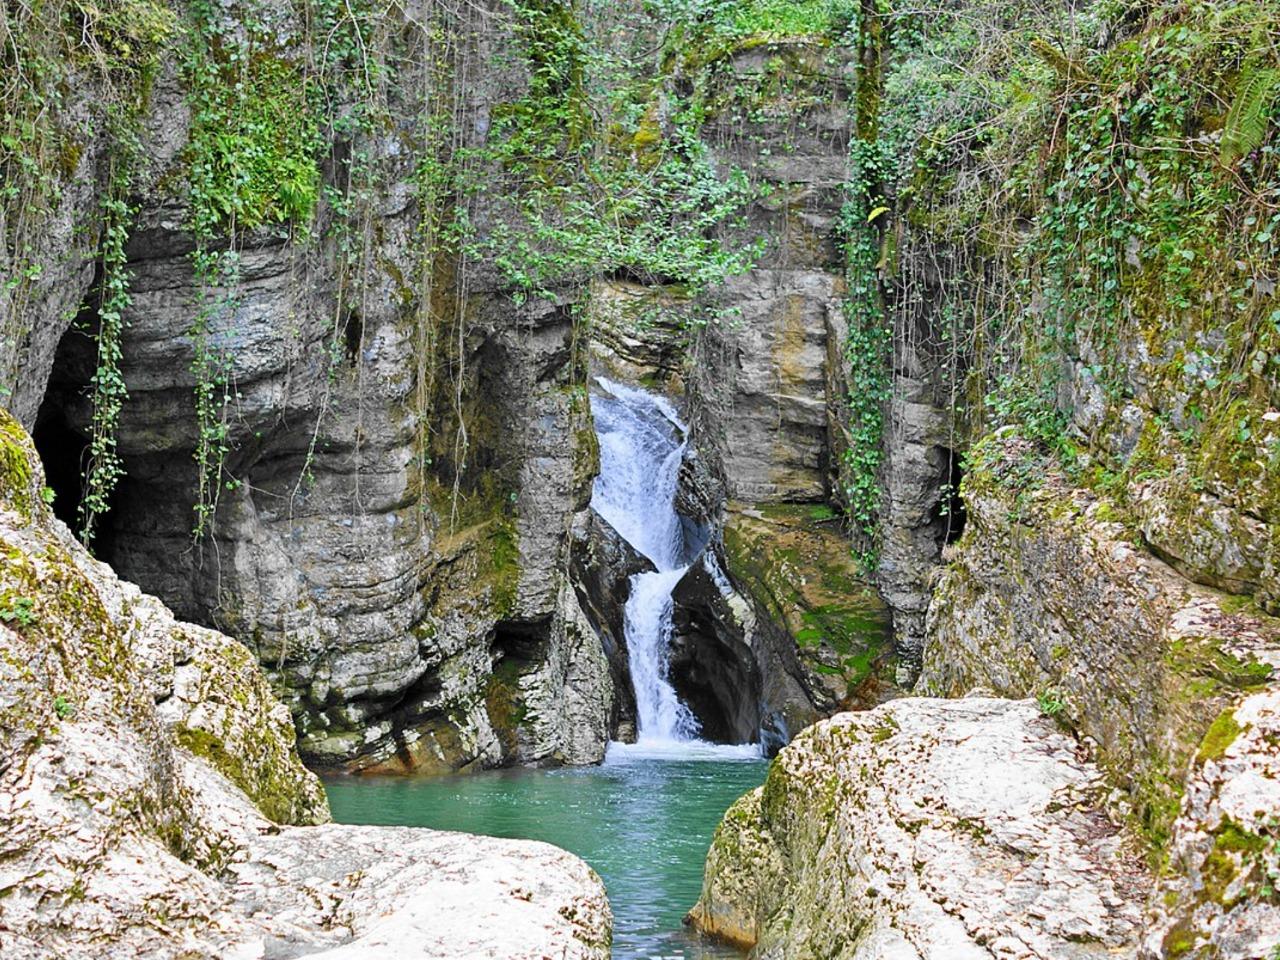 Дача Сталина и Агурские водопады - индивидуальная экскурсия в Сочи от опытного гида